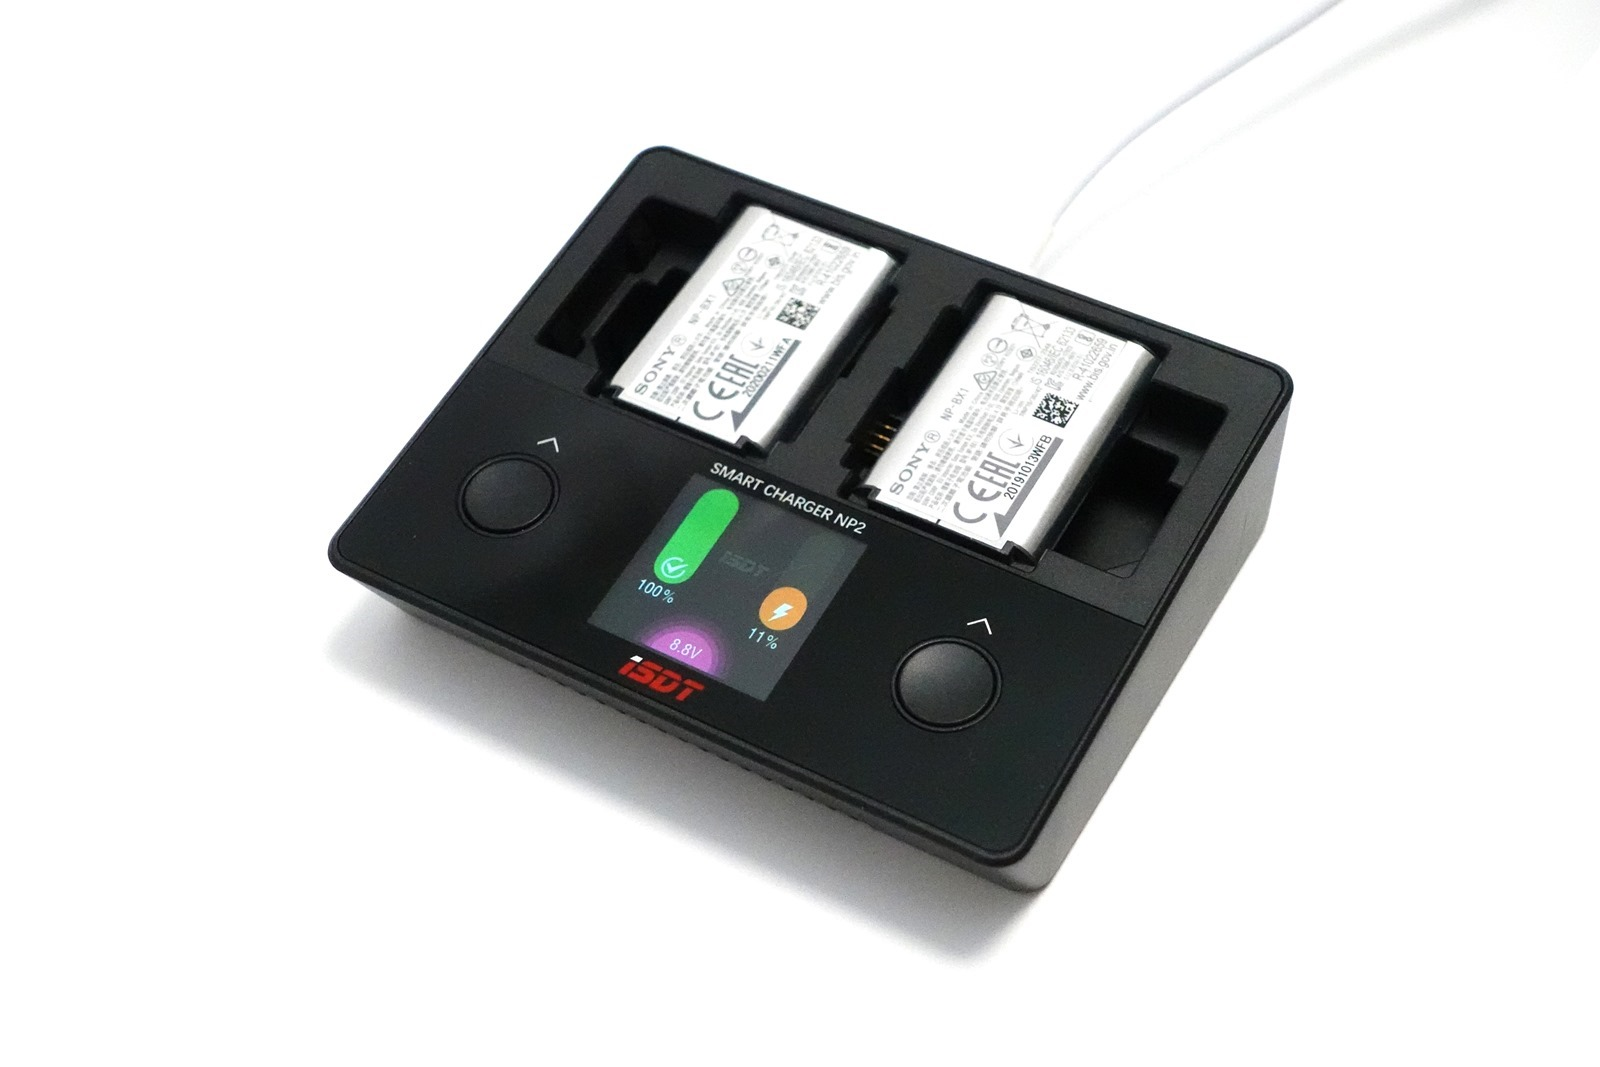 買了 ZV-1 之後?這組充電器很不錯 ISDT 智慧雙槽充電器 for Sony BX1/FZ100/FW50 @3C 達人廖阿輝